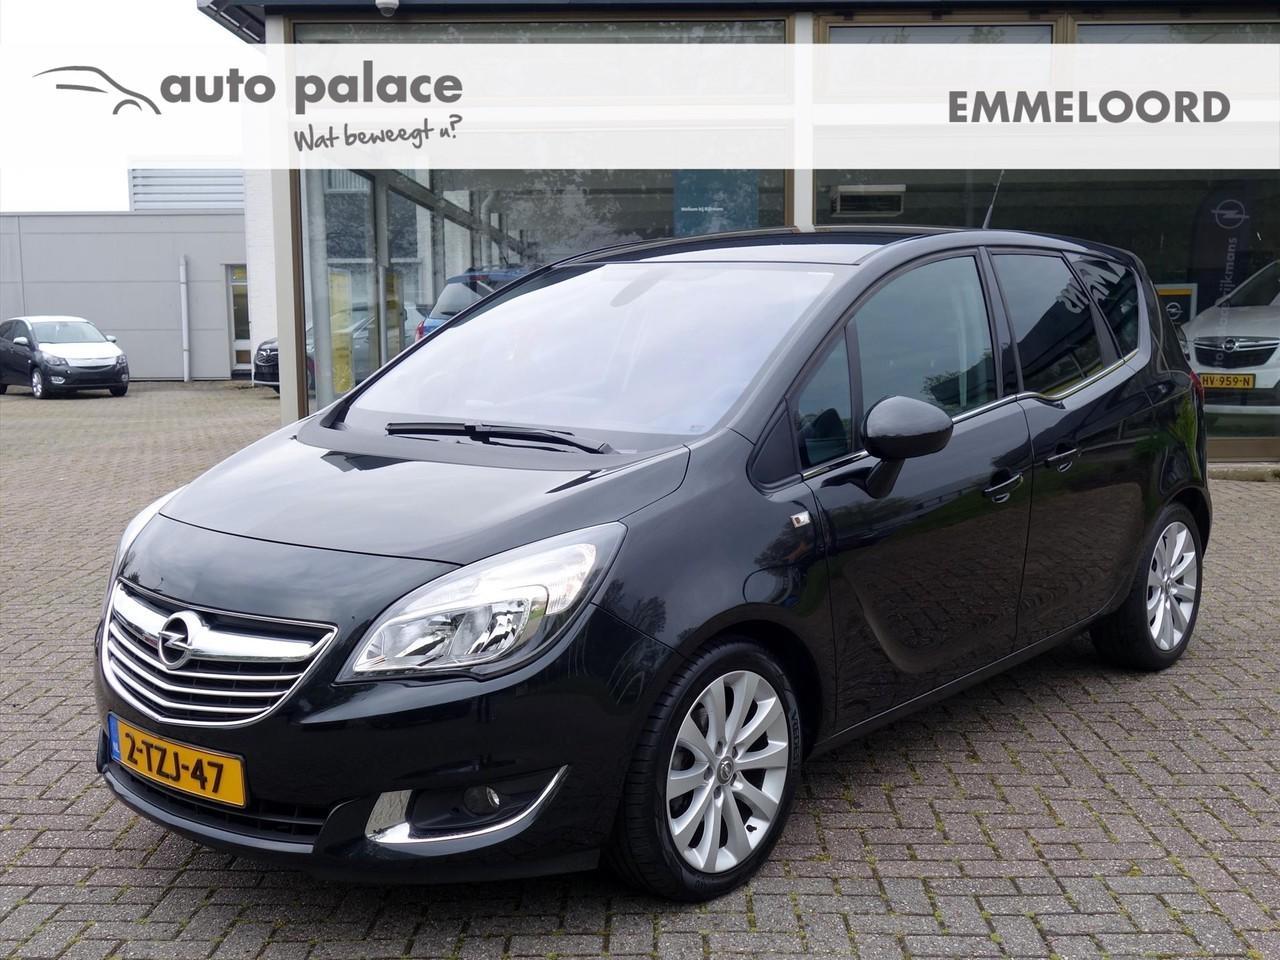 """Opel Meriva 1.4 turbo 120pk cosmo navi-650 leder agr parkpilot 17""""lm-velgen"""